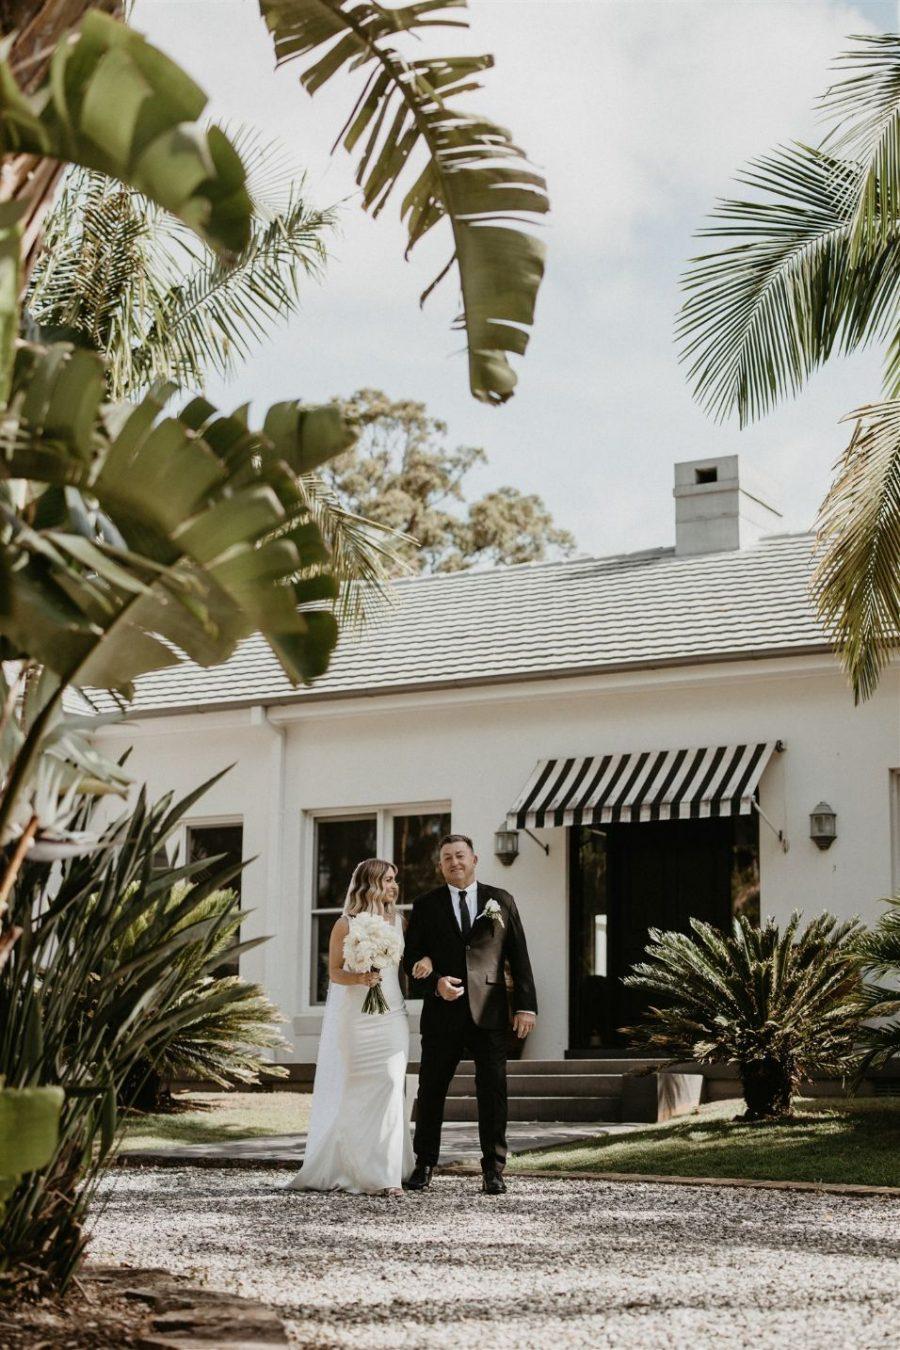 Bride and dad walk along side wedding venue.